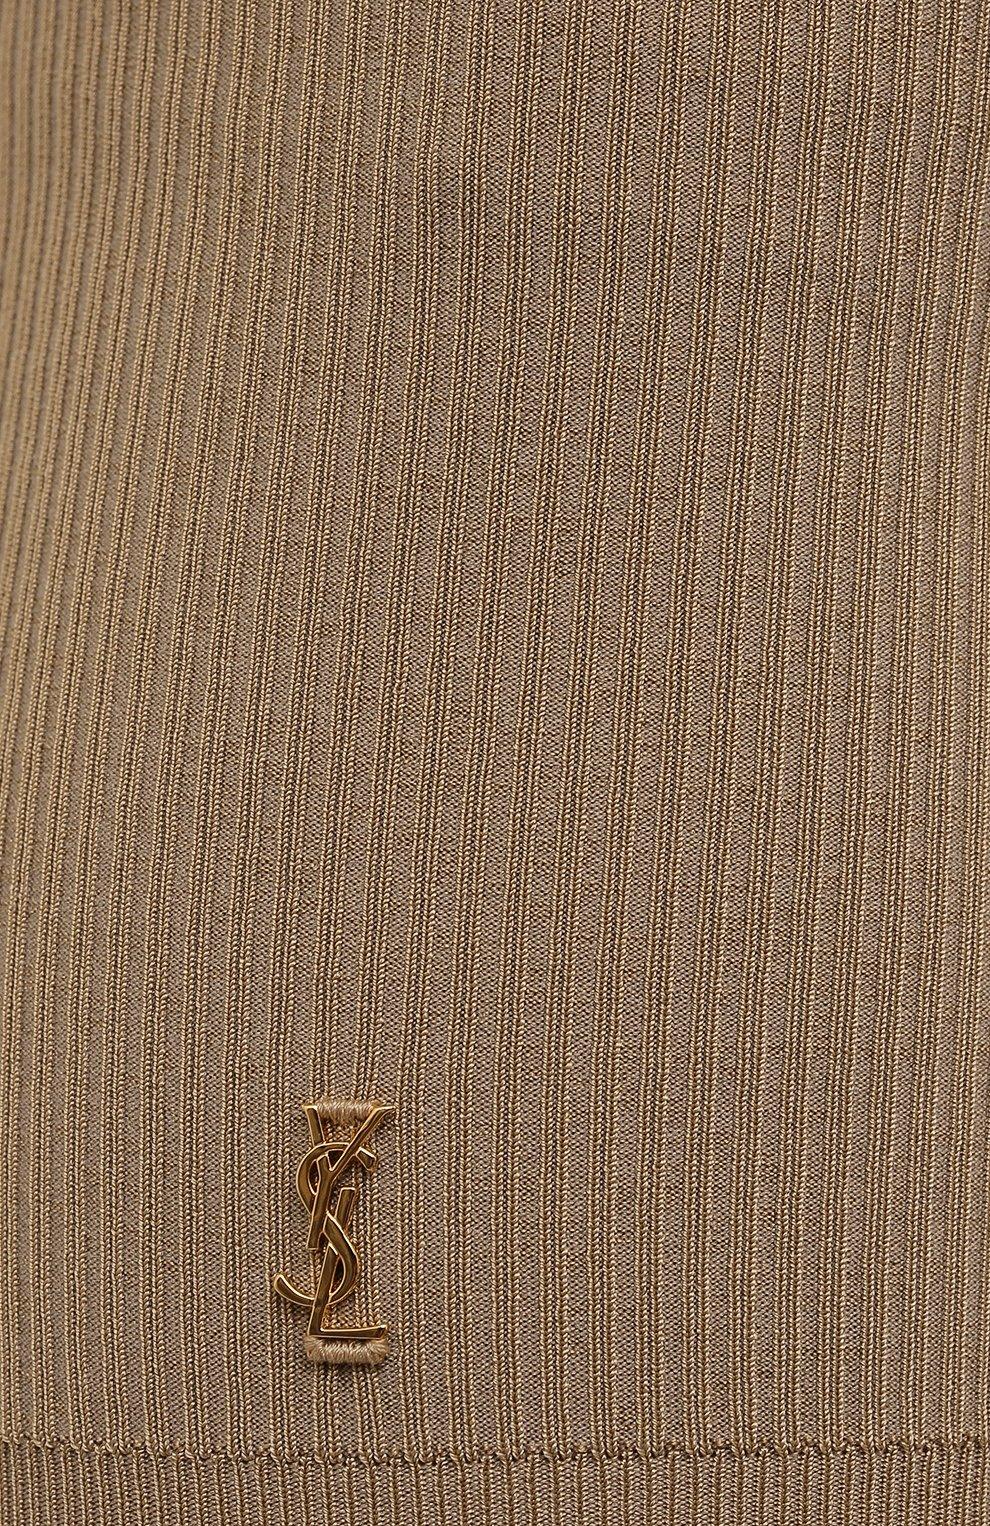 Женские шорты из вискозы SAINT LAURENT бежевого цвета, арт. 660275/Y75BE   Фото 5 (Женское Кросс-КТ: Шорты-одежда; Стили: Гламурный; Длина Ж (юбки, платья, шорты): Мини; Материал внешний: Вискоза)